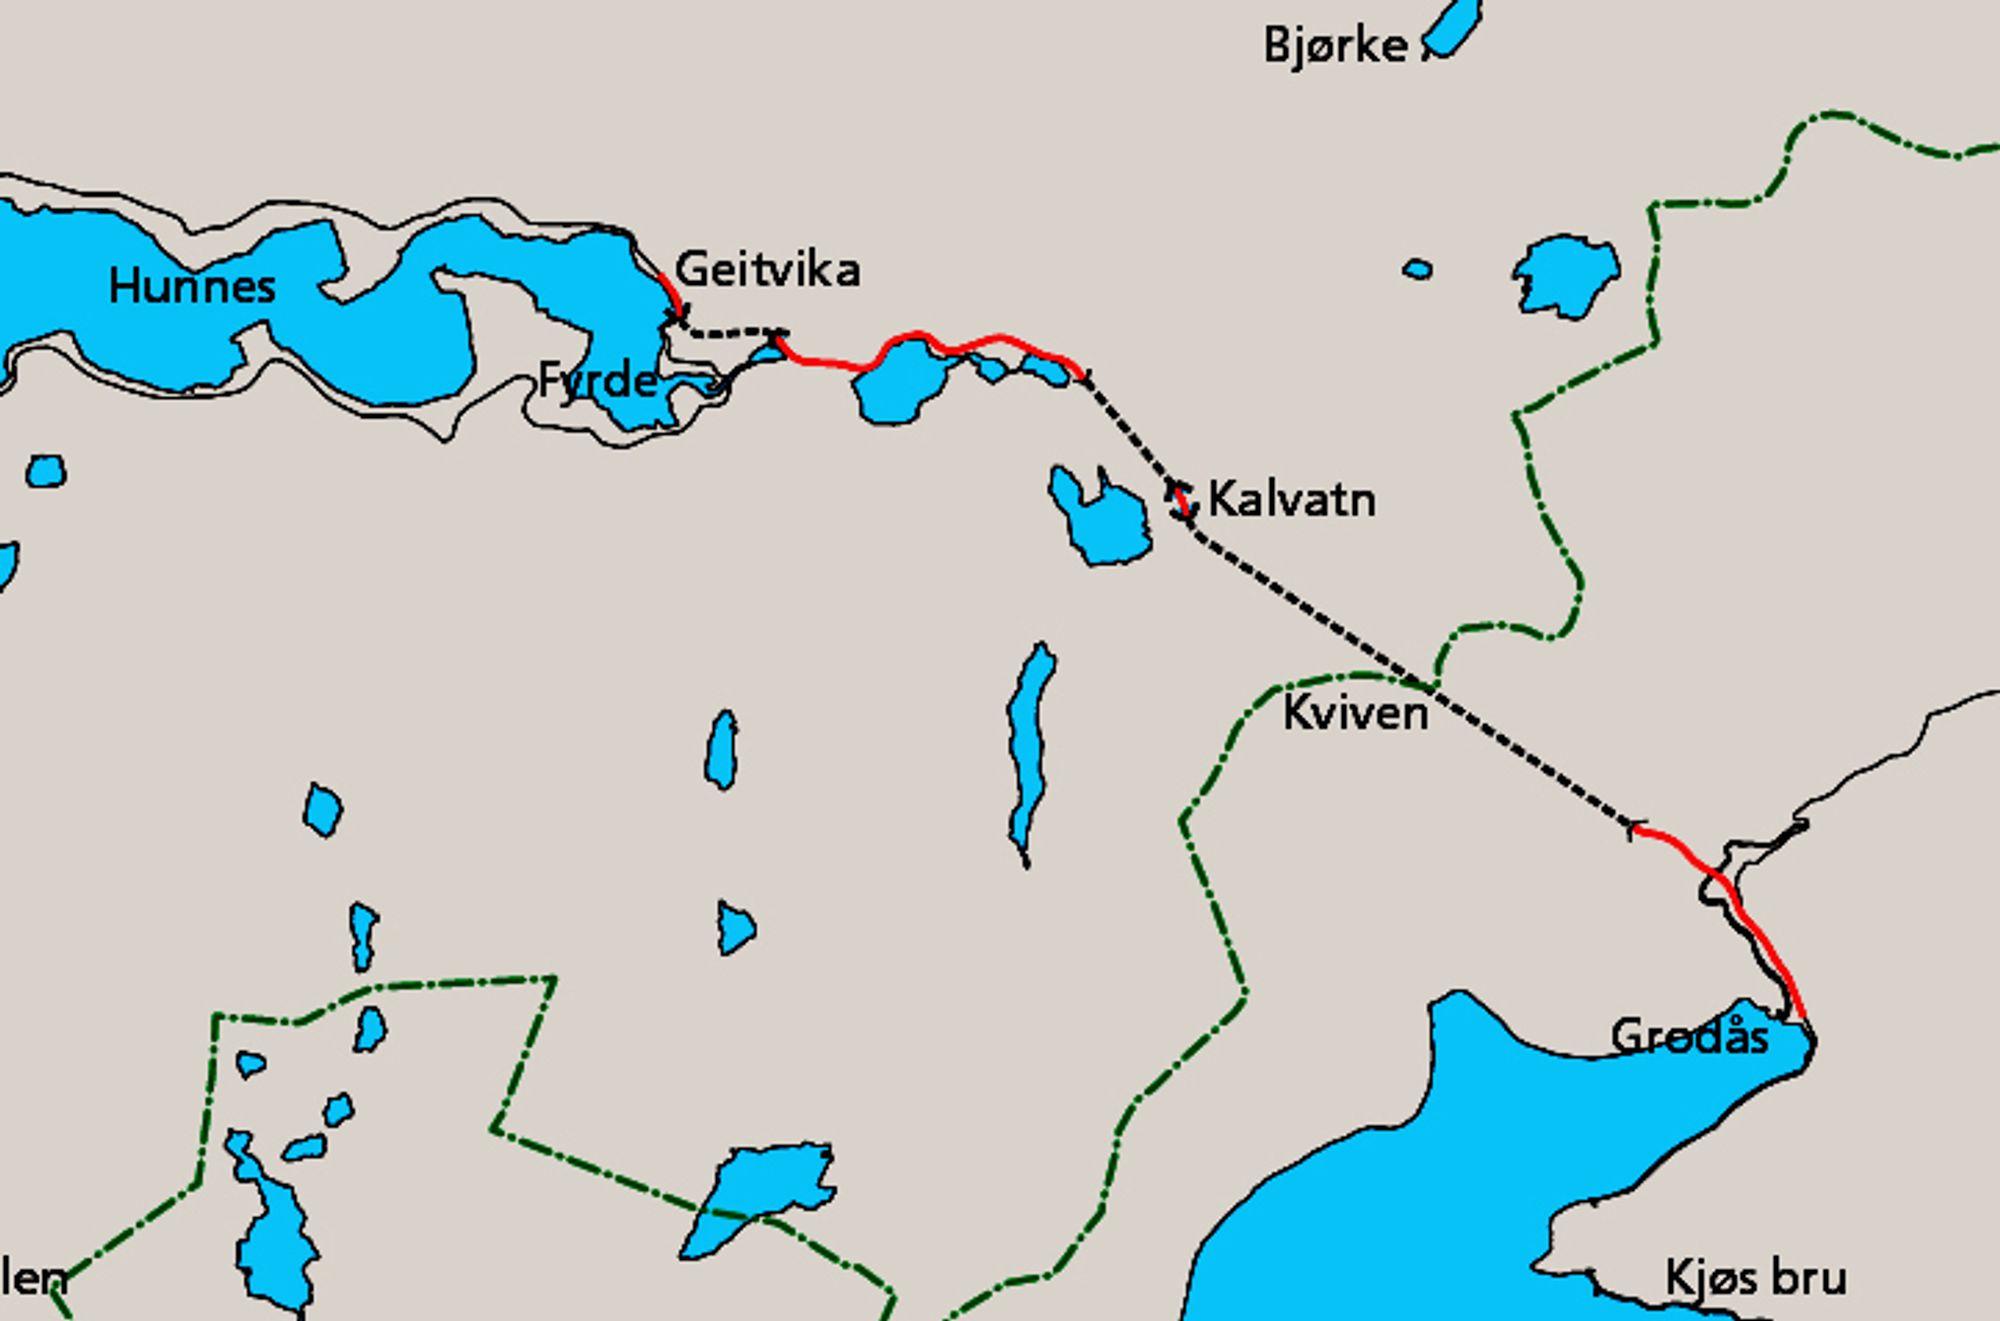 Den 7,3 km lange strekningen som nylig har vært ute på anbud, går mellom Geitvika og Kalvatn vest for Kvivstunnelen.